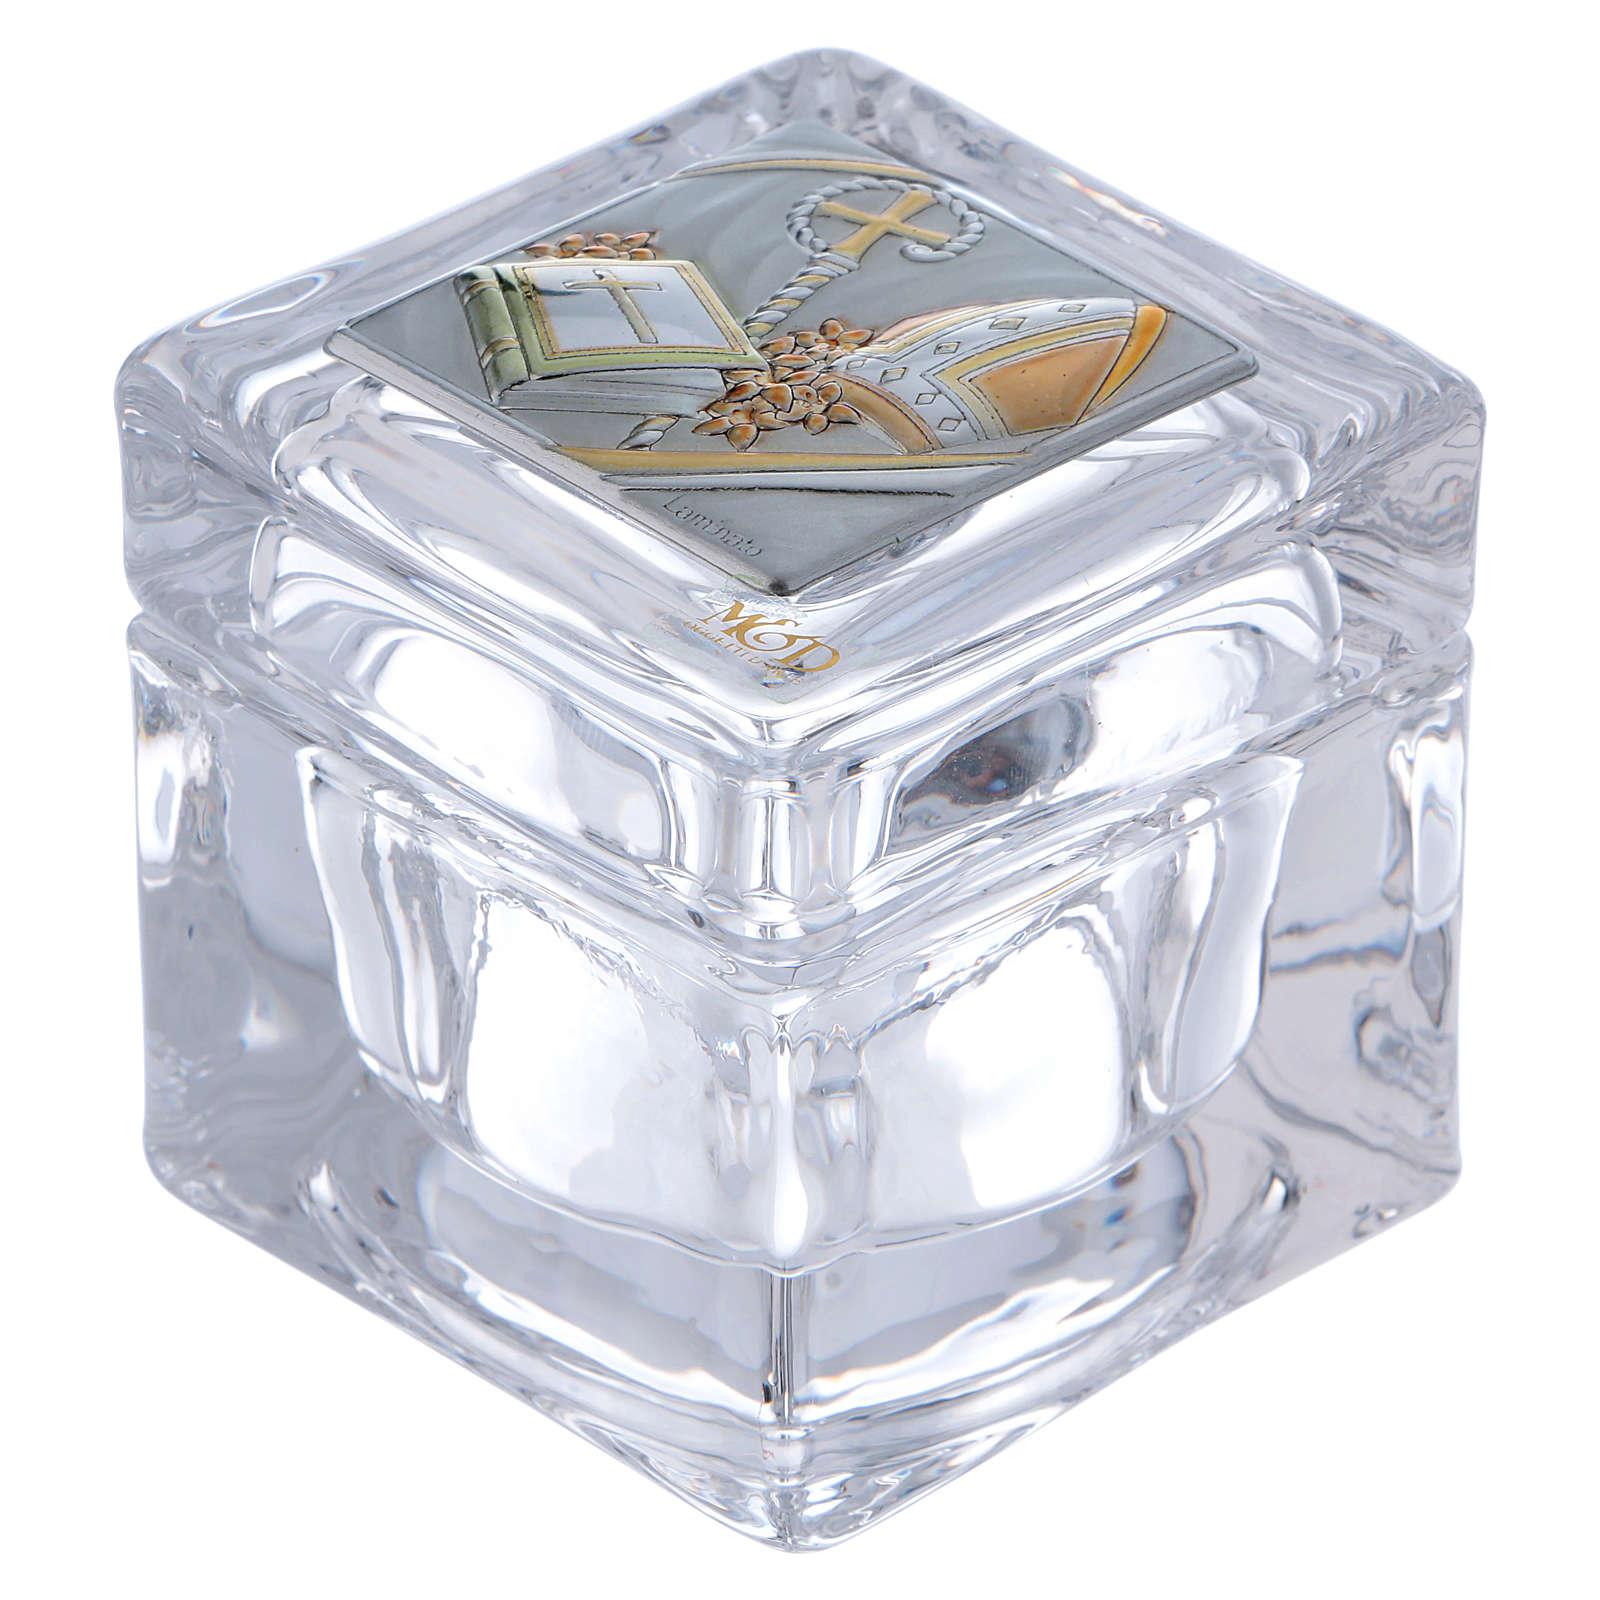 Bomboniera sacra per la Cresima scatoletta 5x5x5 cm 3